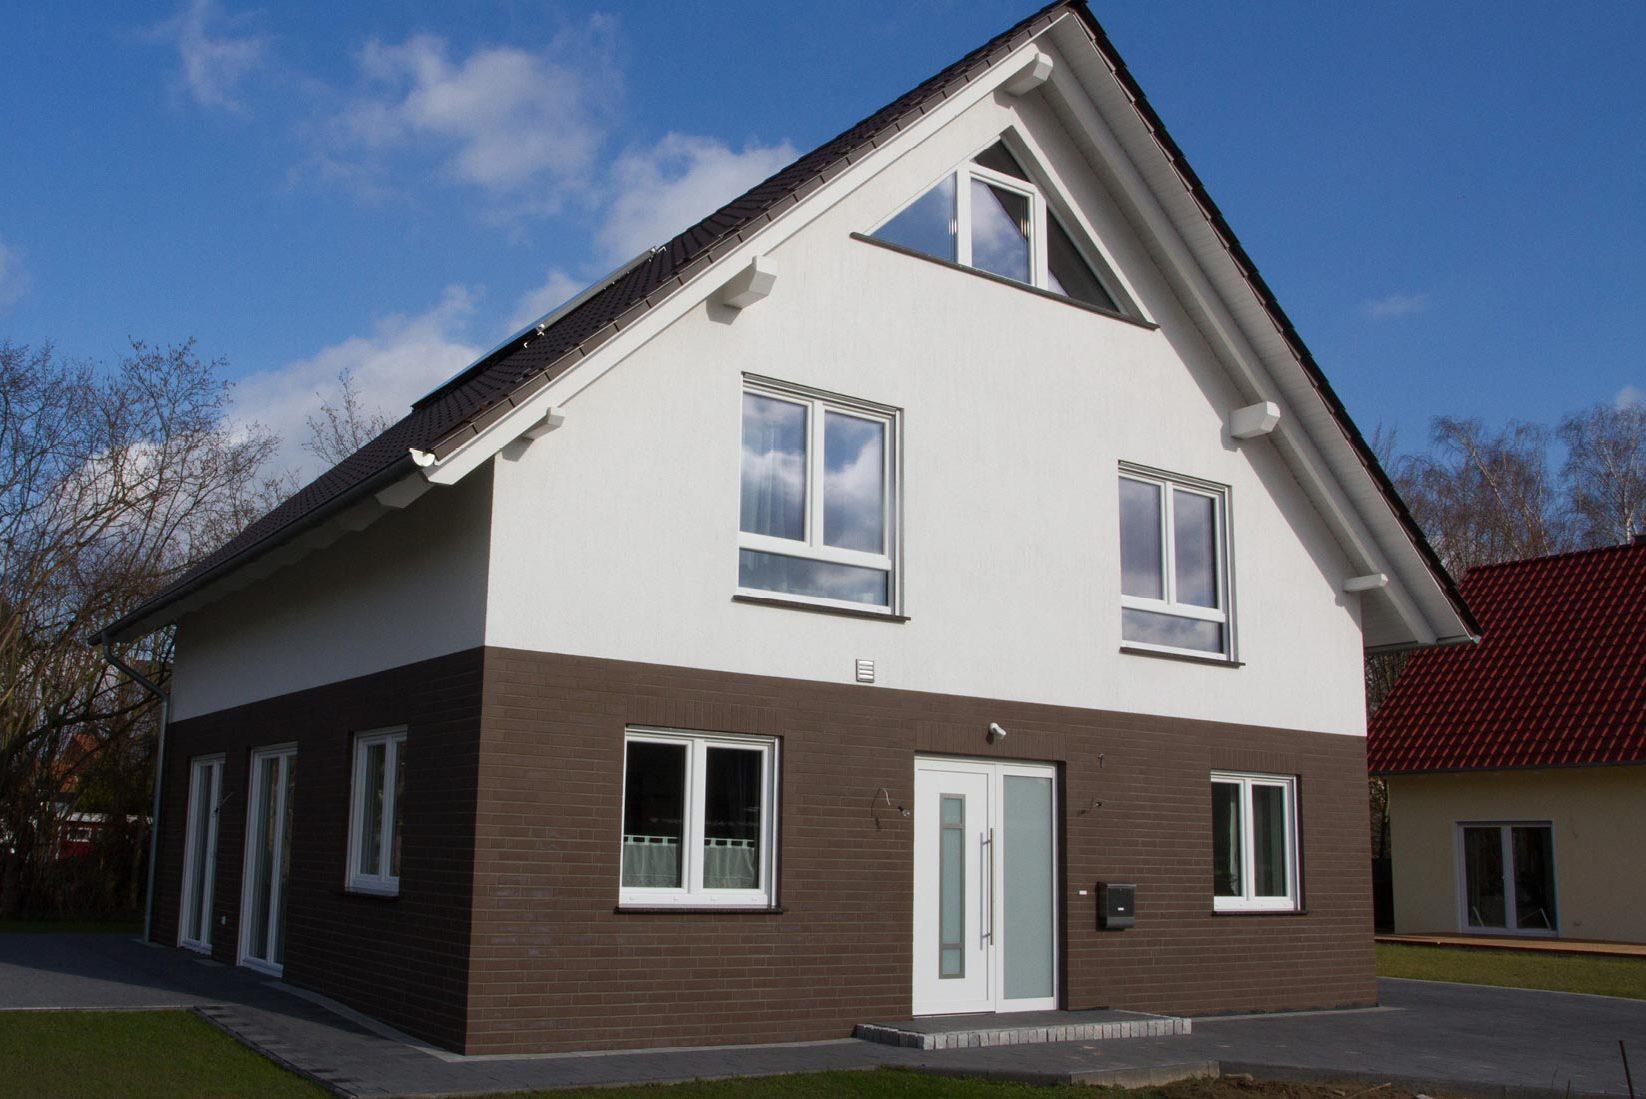 Bauunternehmen Meinert - Einfamilienhaus mit Eingang